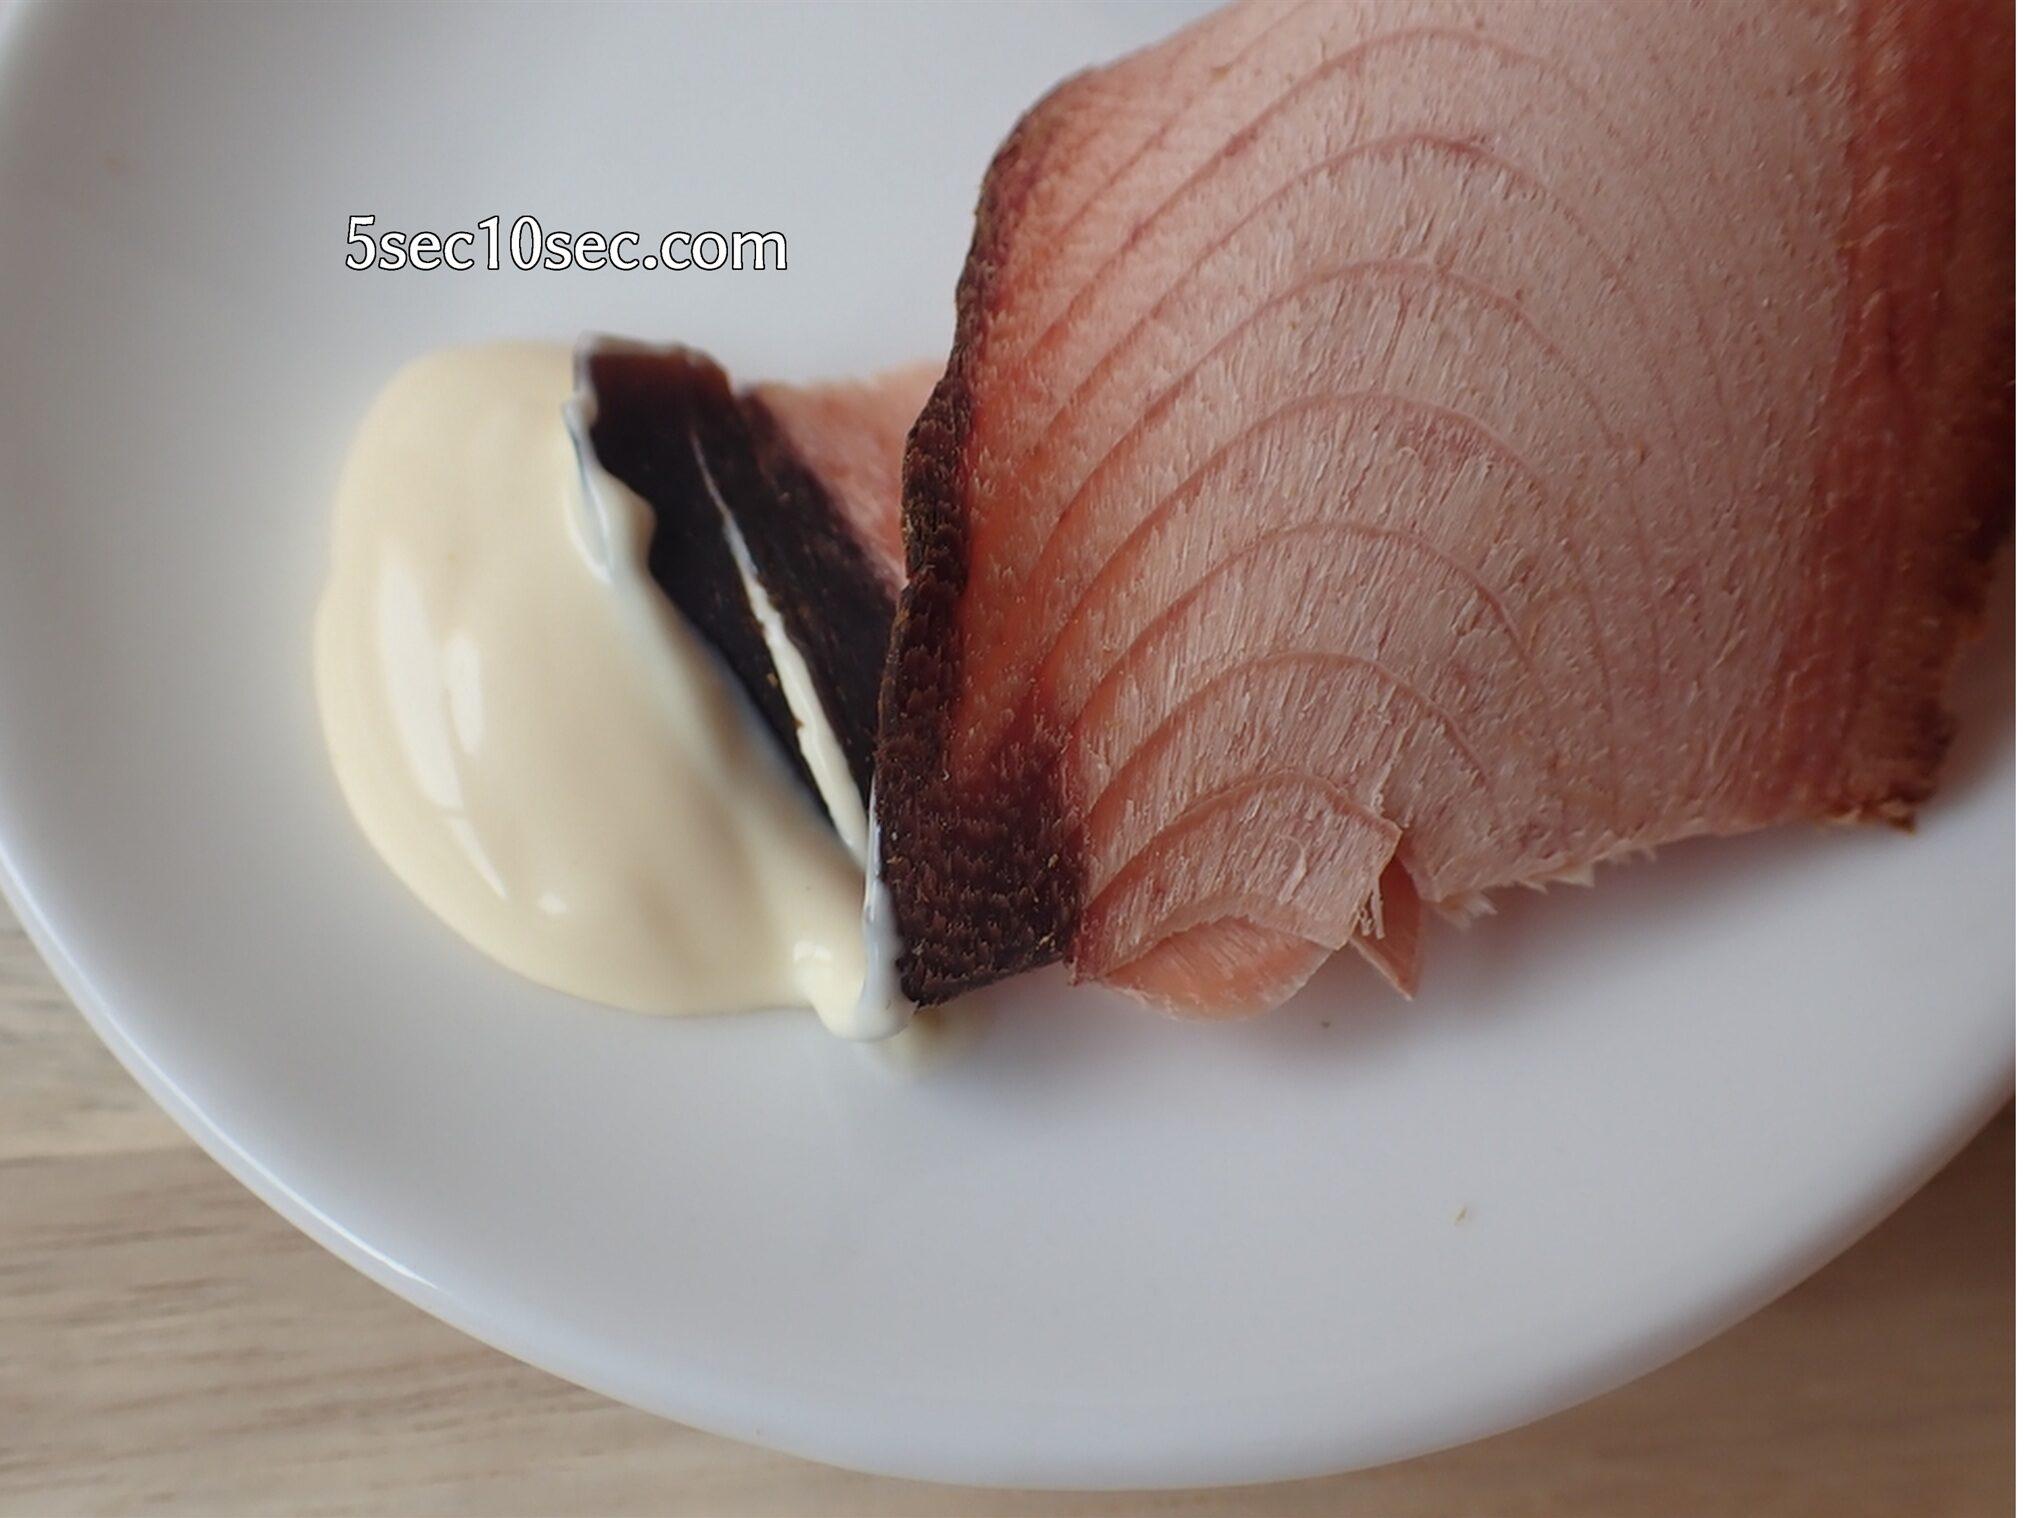 丸俊 まるとし そのまま食べるかつおスライス マヨネーズをつけて食べるのもよく合います